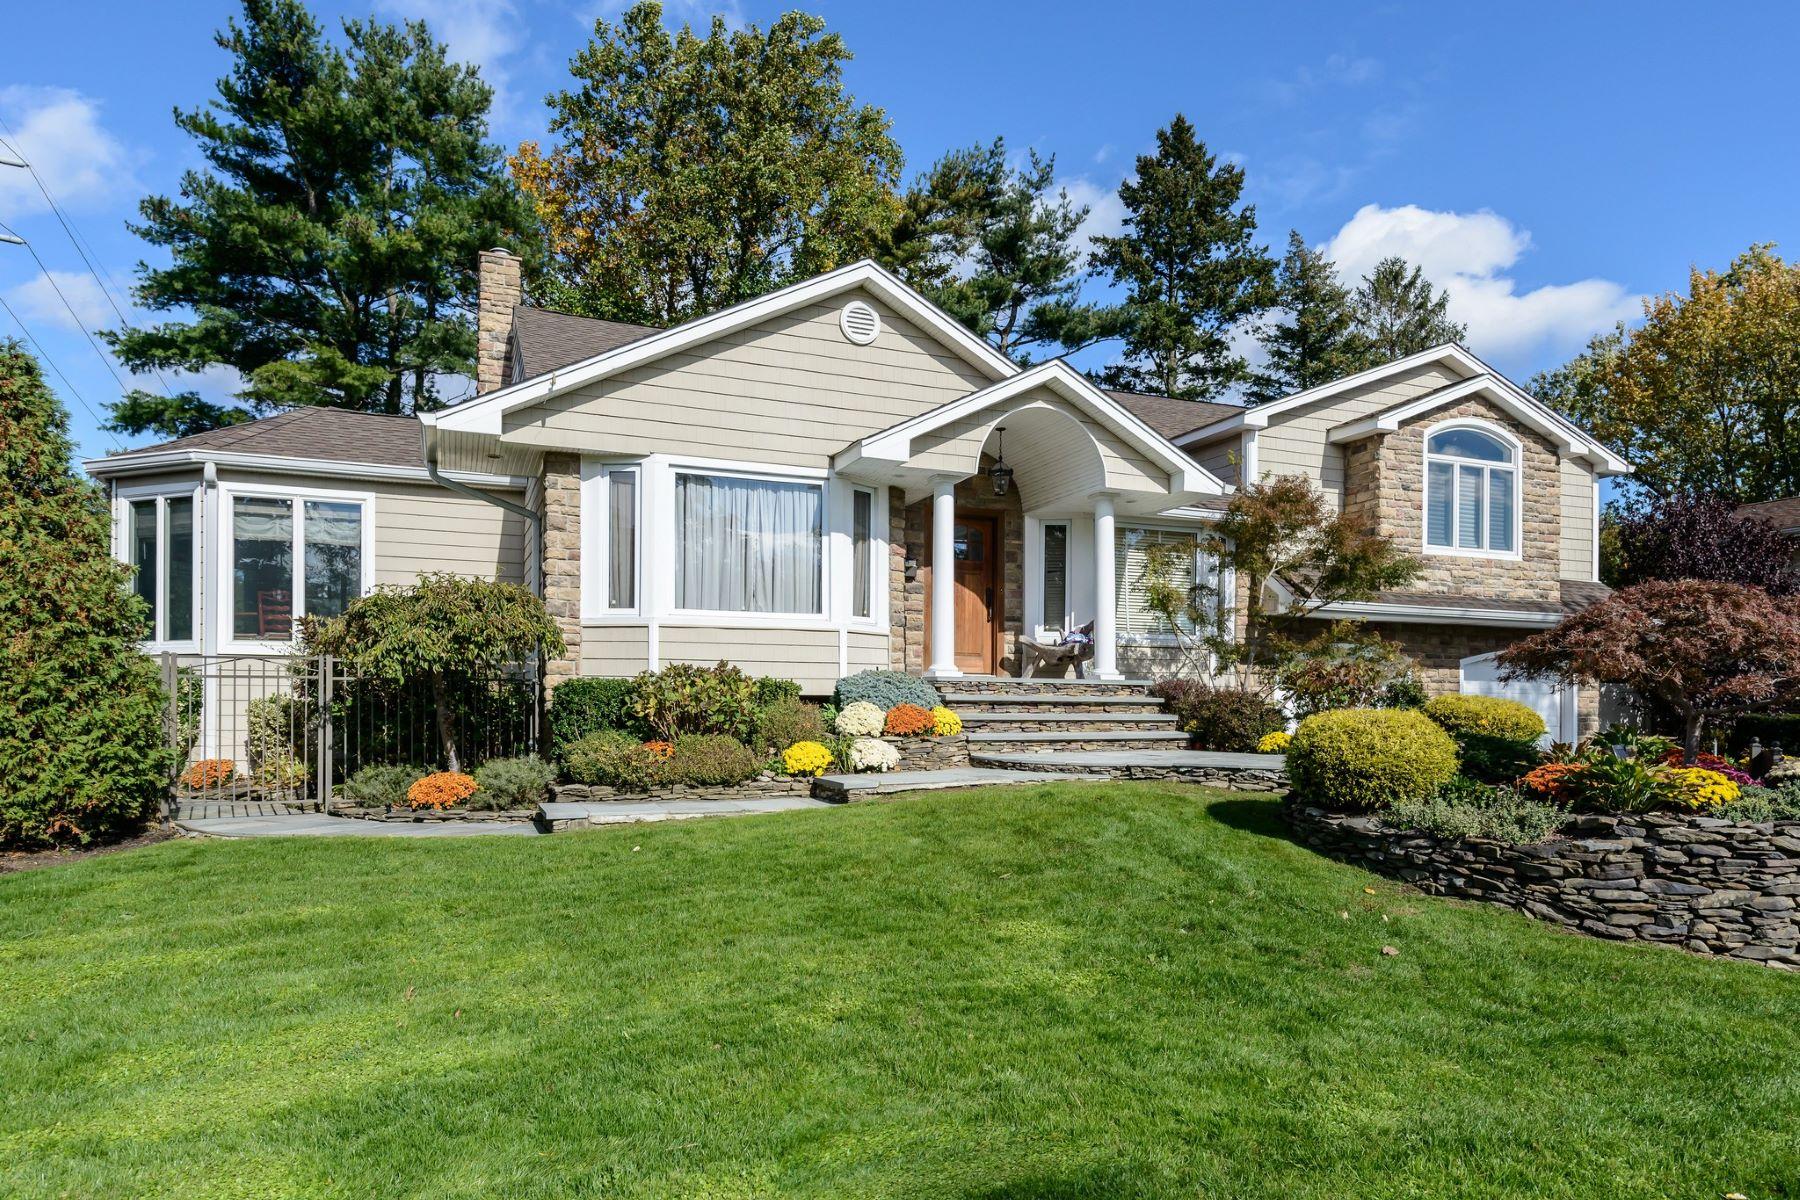 Casa Unifamiliar por un Venta en 10 Saratoga Dr , Jericho, NY 11753 10 Saratoga Dr, Jericho, Nueva York, 11753 Estados Unidos